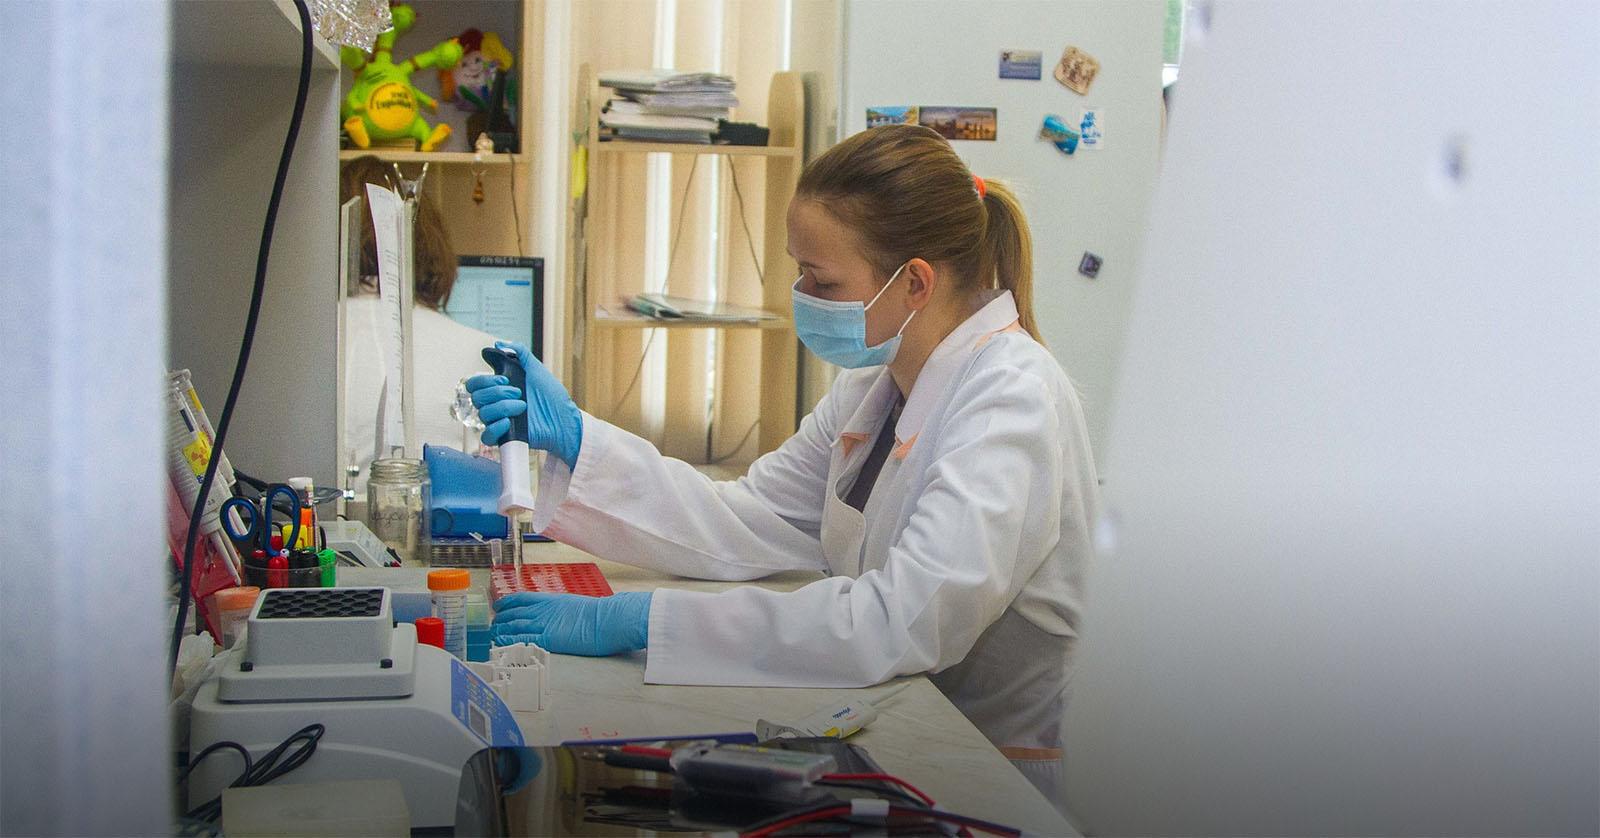 ALICE: Nasceu na FEUP o maior laboratório português em engenharia química